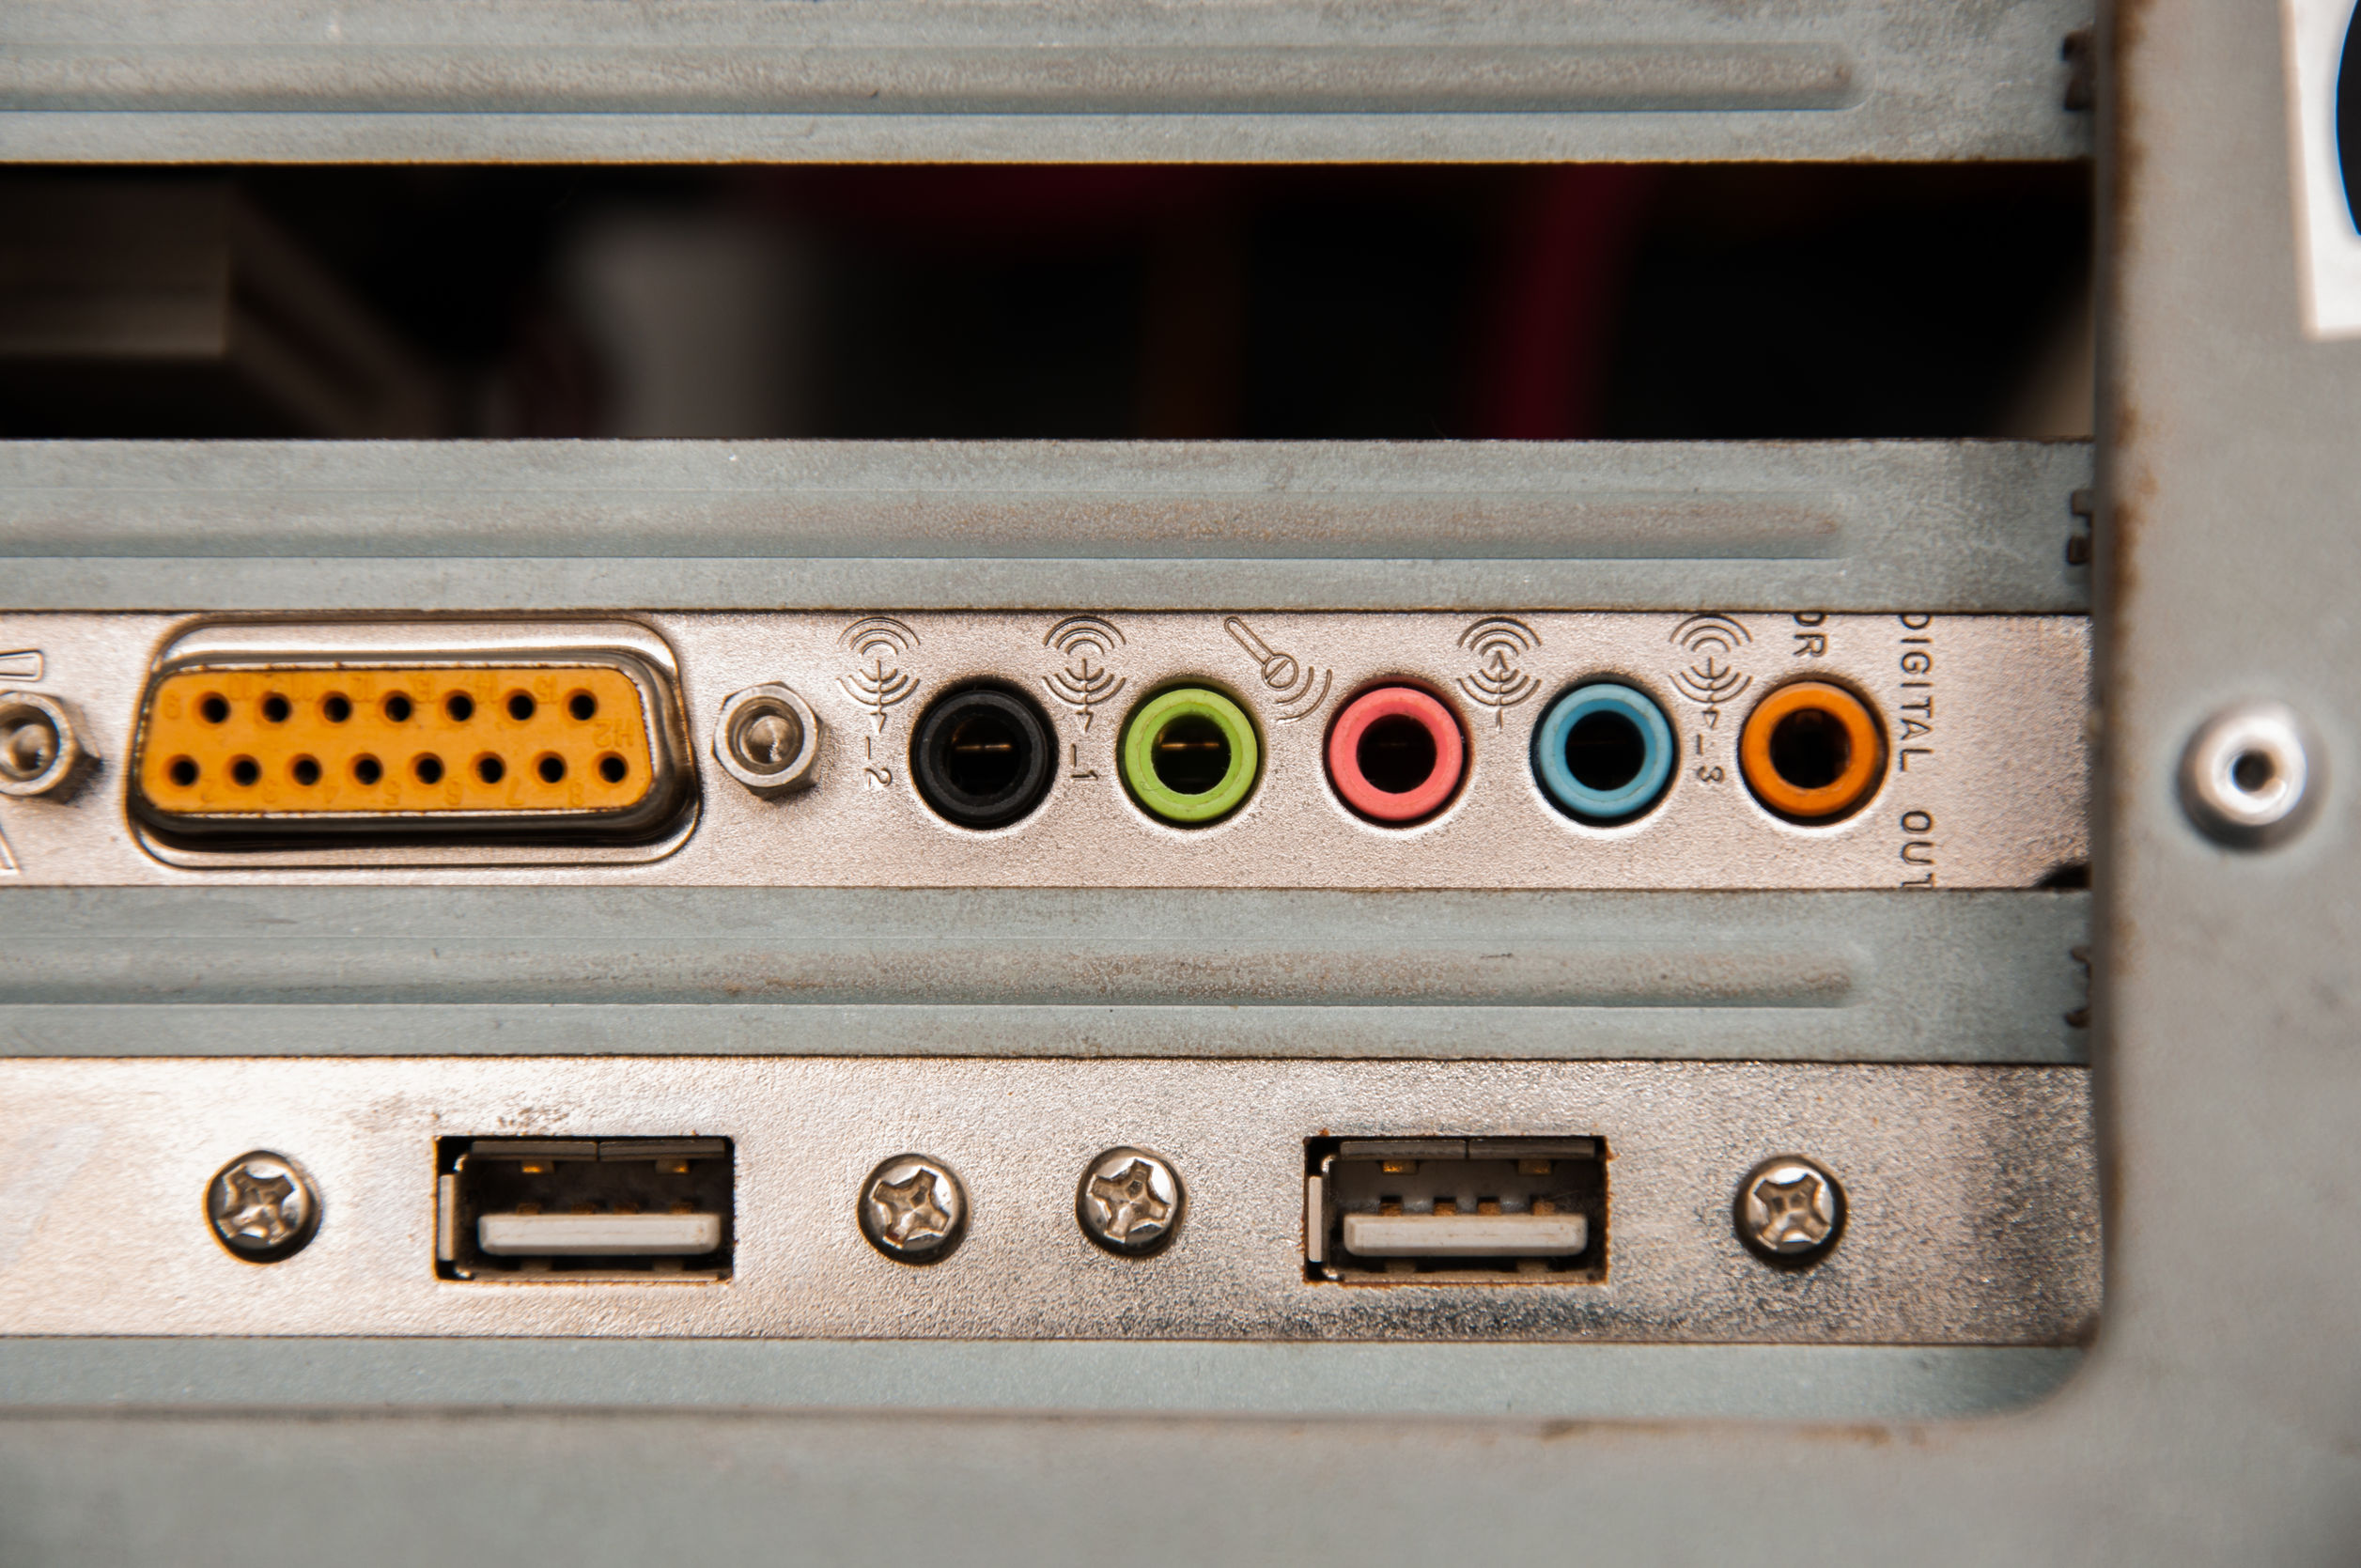 Placa de som USB: Como escolher a melhor em 2020?